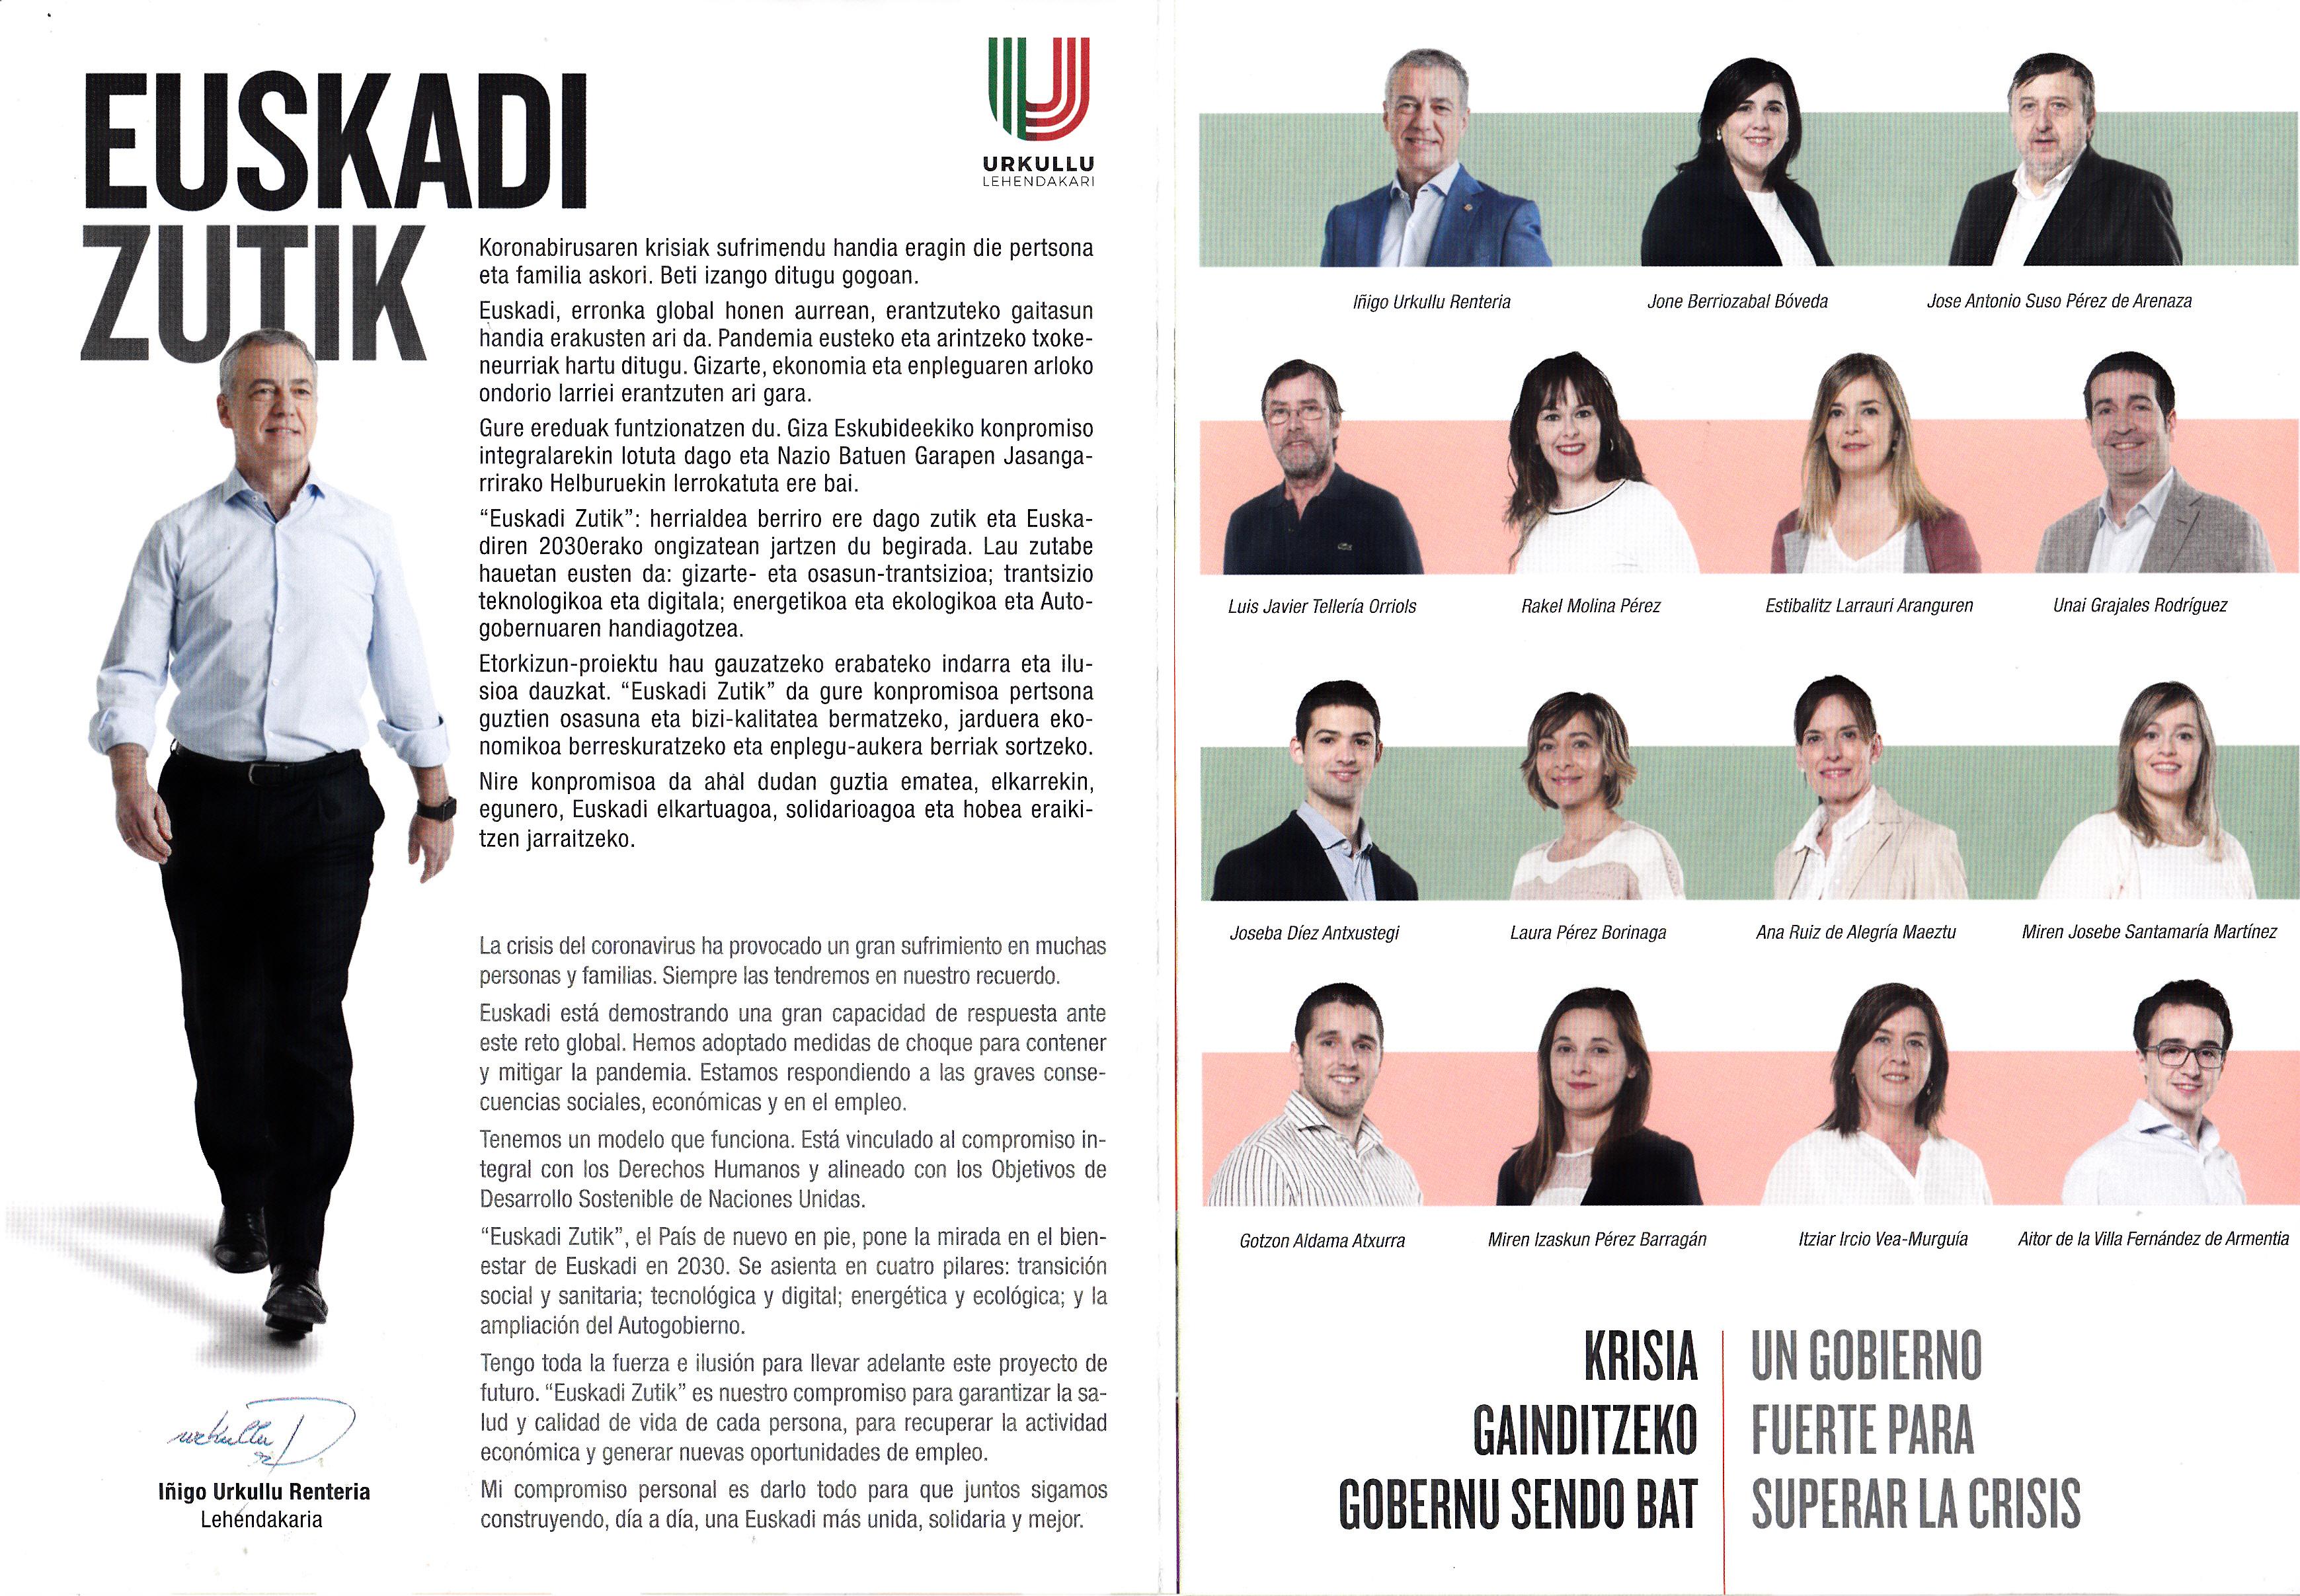 pnv_2020_basco_0002